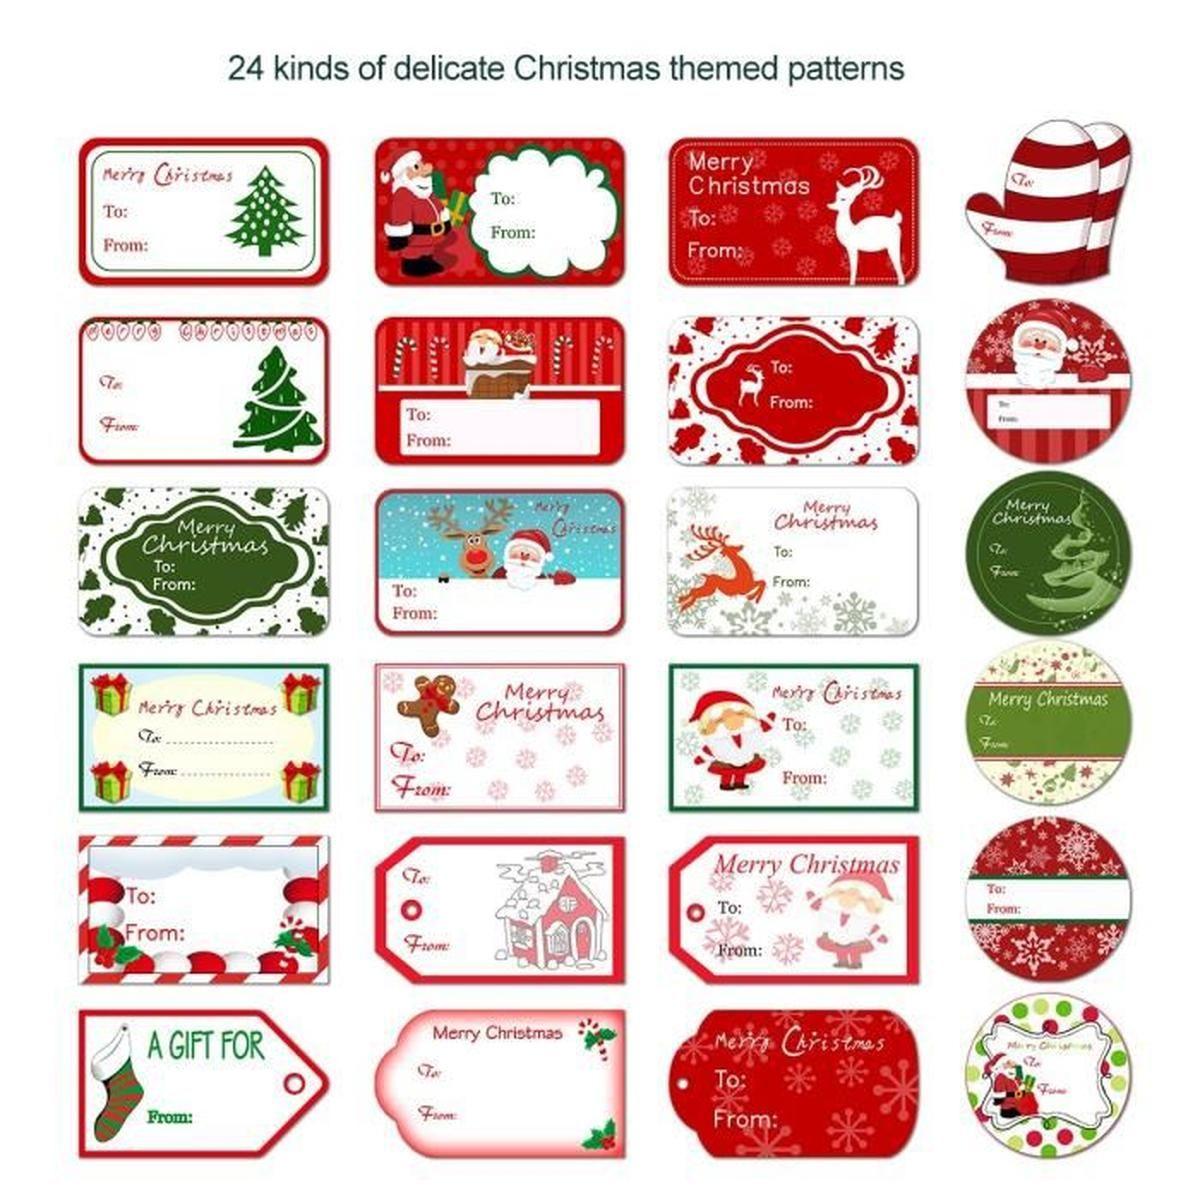 Etiquettes Cadeau Noel pour Etiquette Cadeau Noel A Imprimer Gratuitement